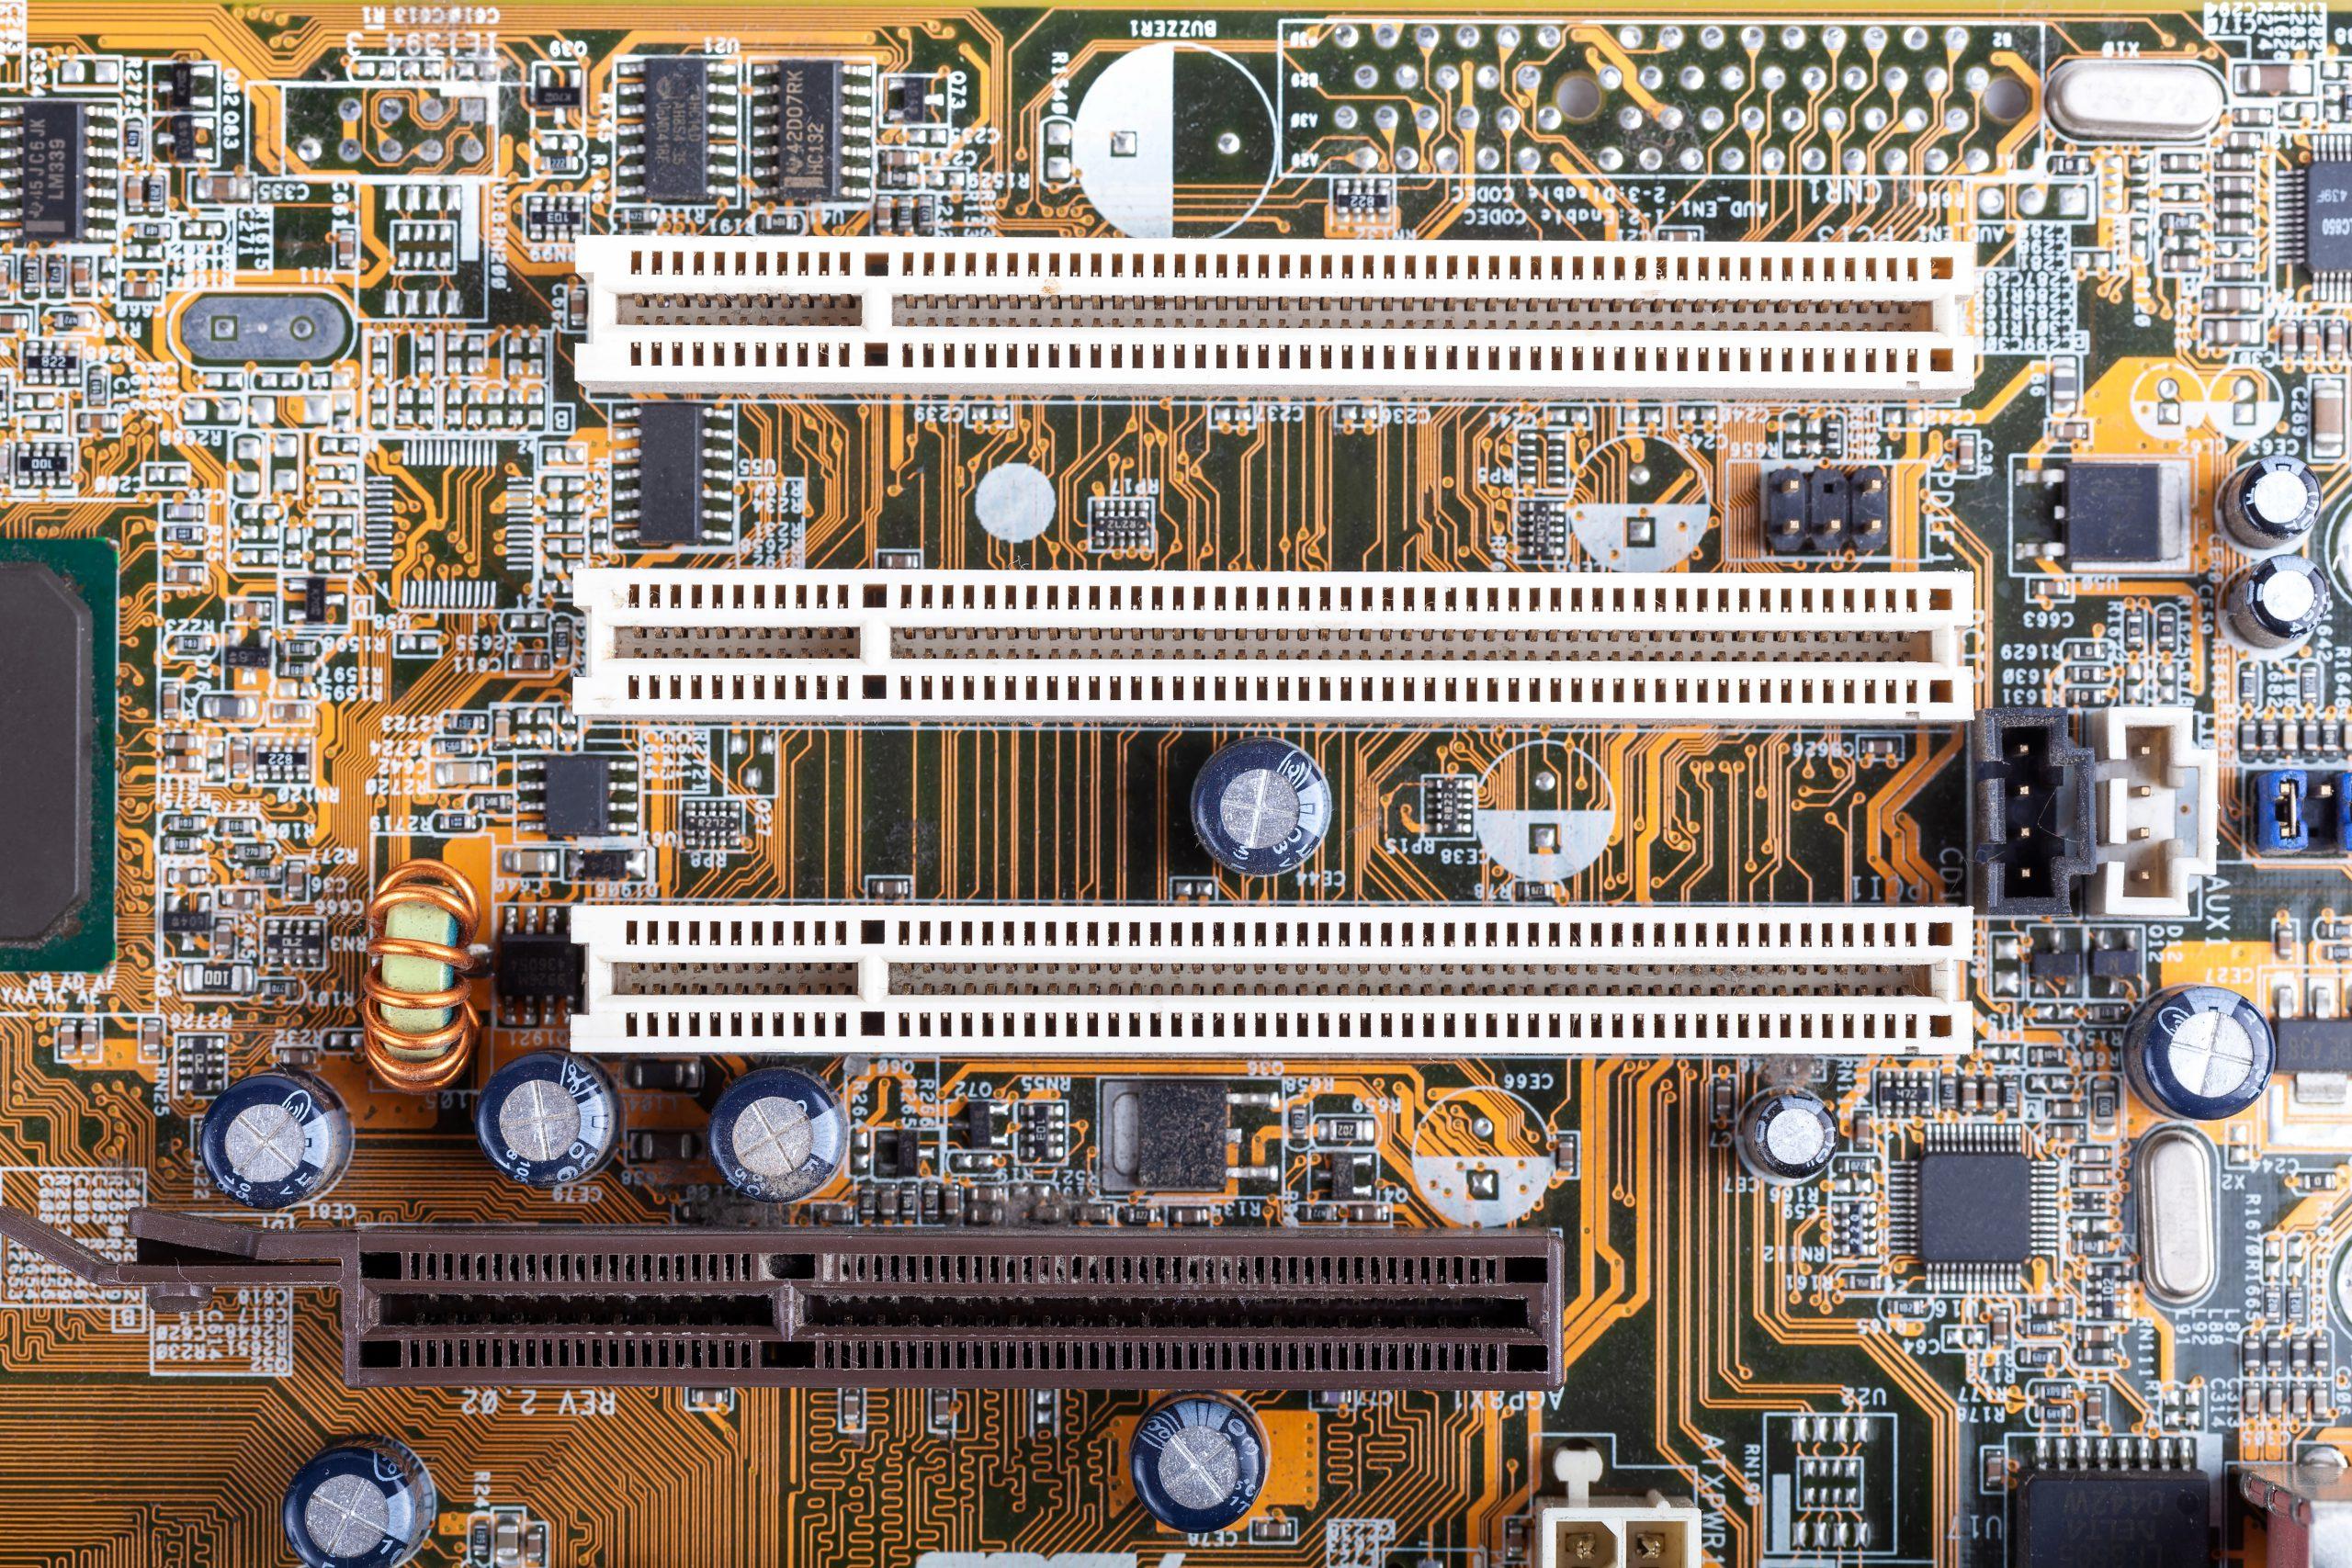 PCIe slots on motherboard